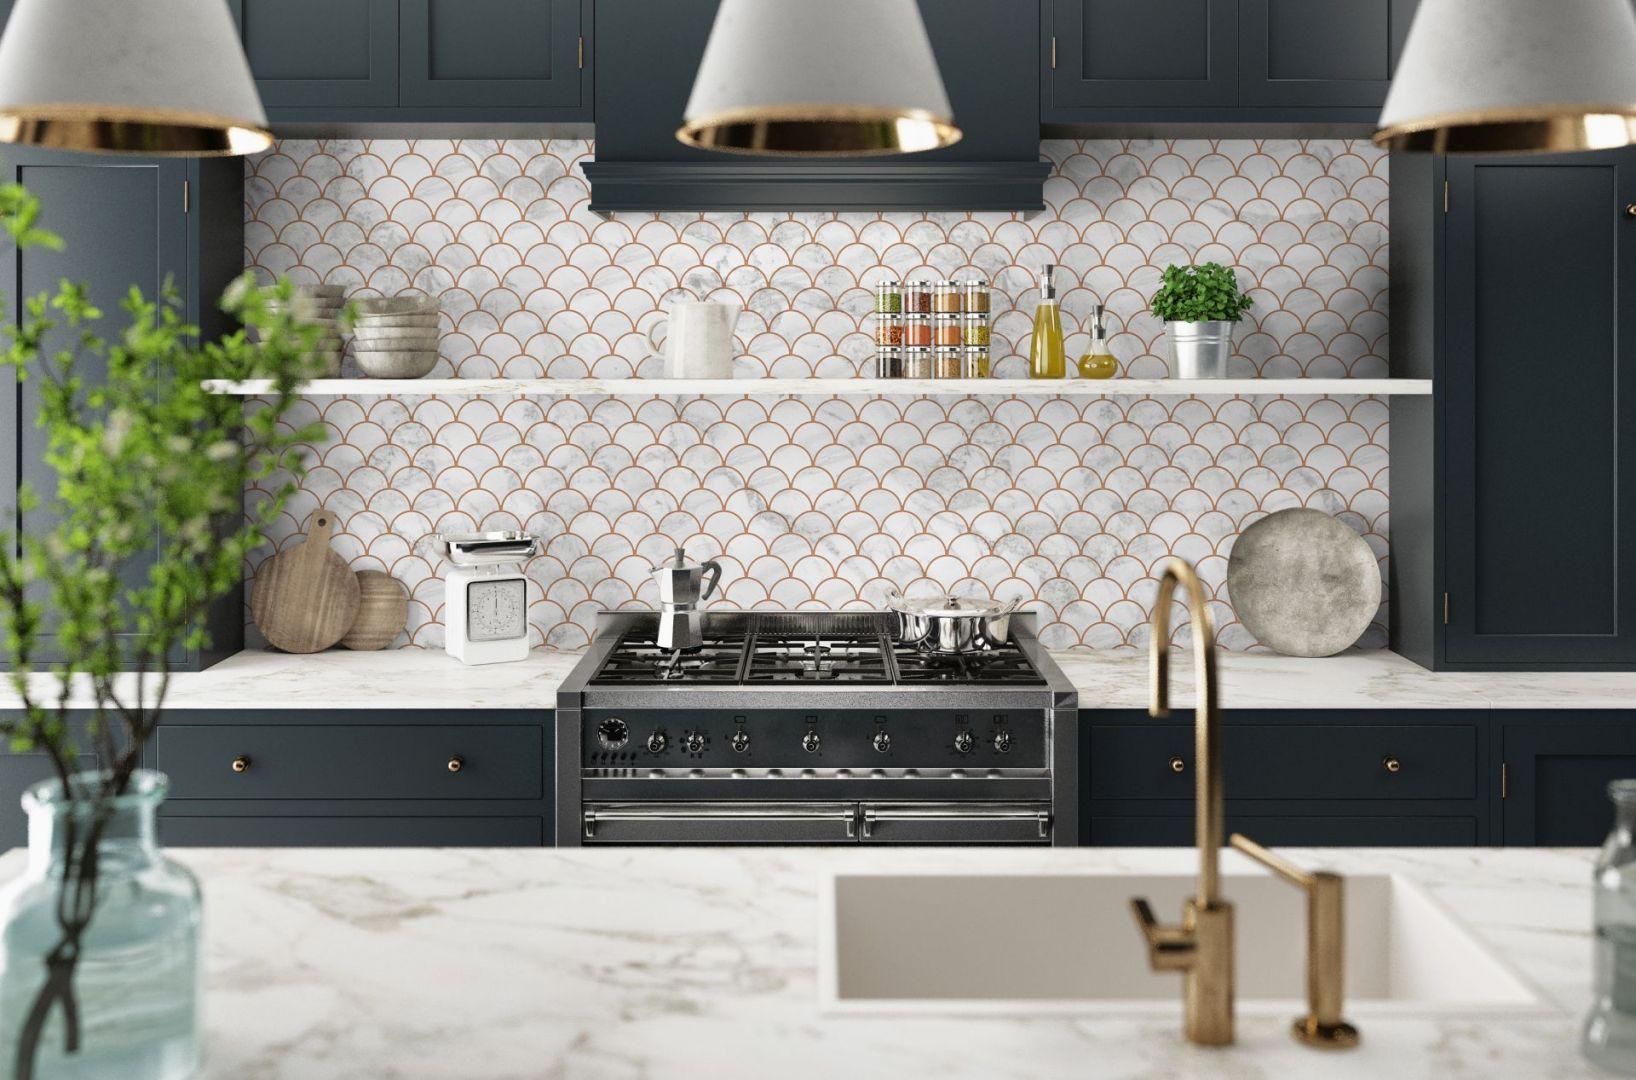 Flabellum Marble Mat - kolekcja Marble/Raw Decor. Produkt zgłoszony do konkursu Kuchnia - Wybór Roku 2020